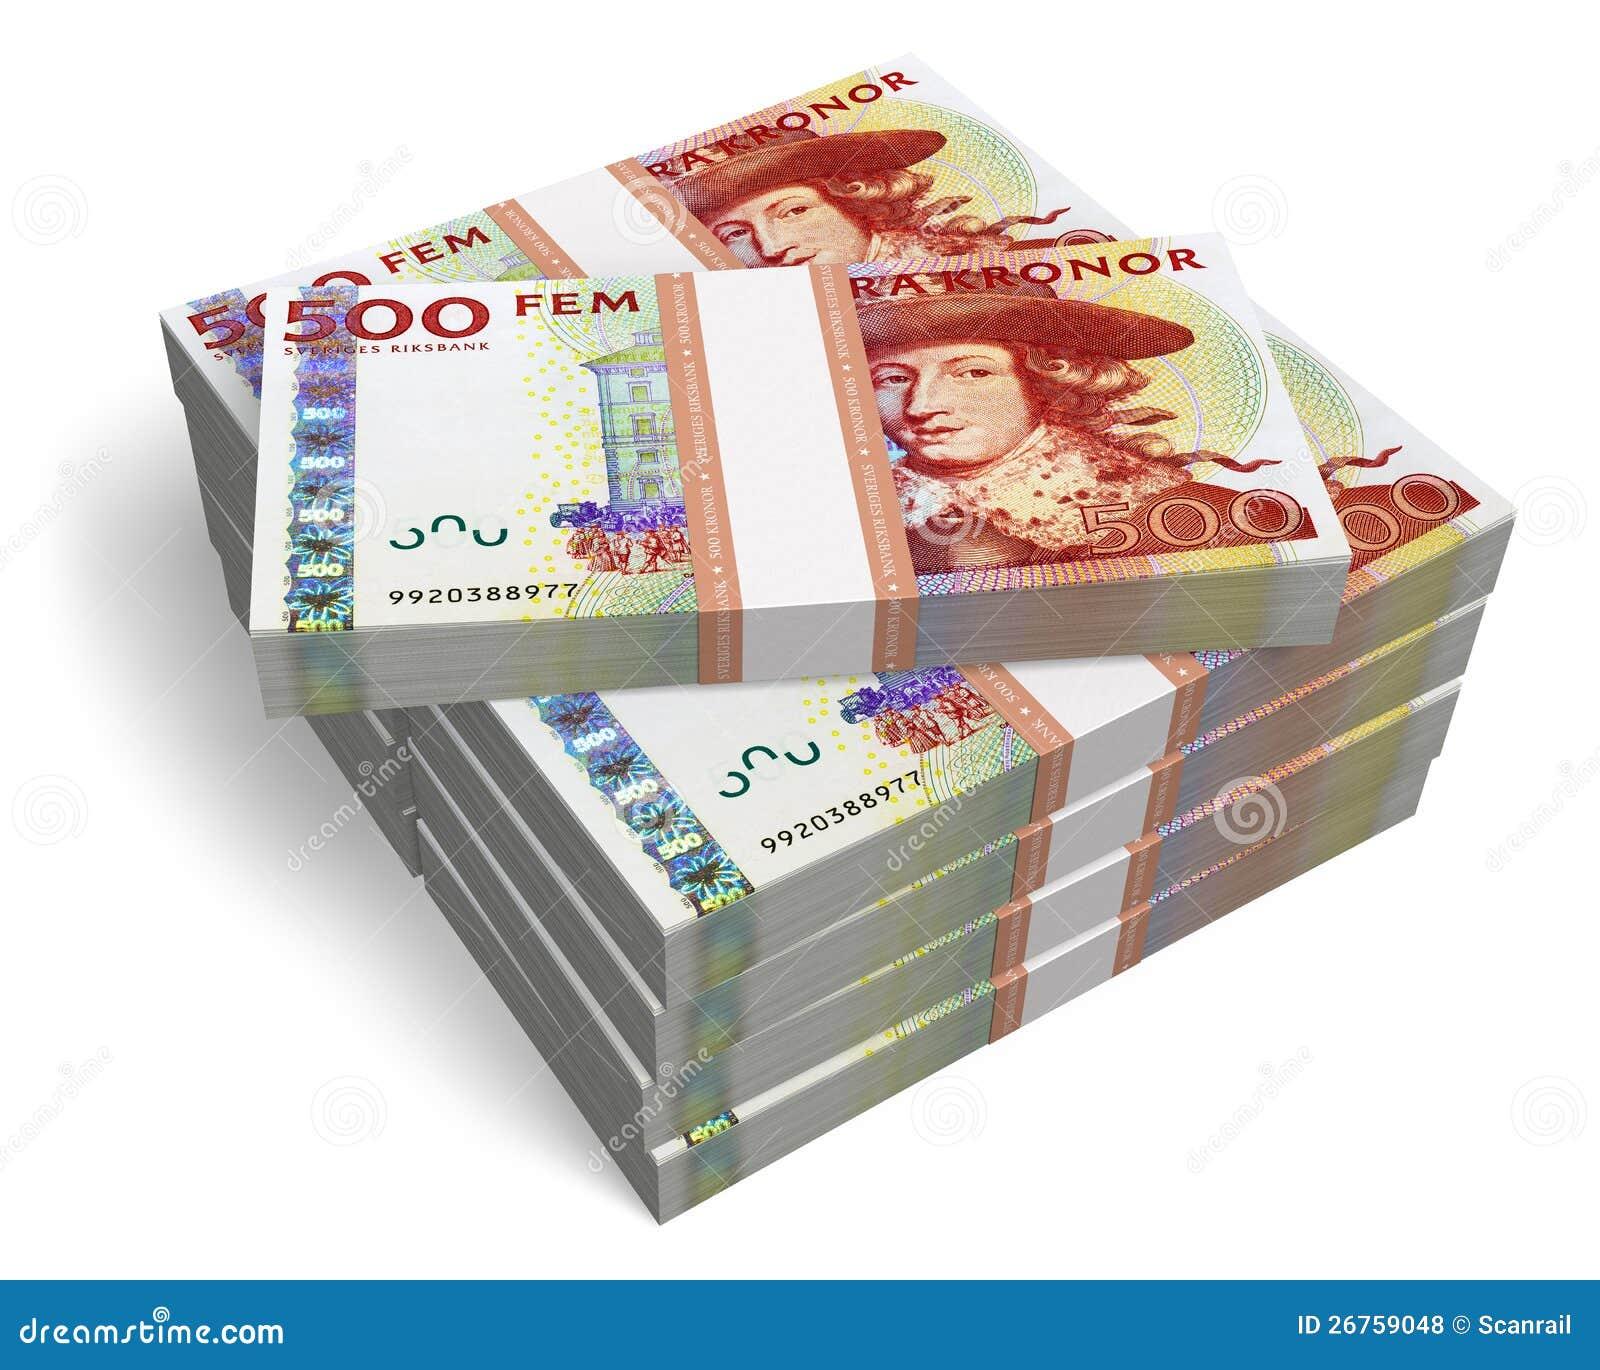 500 Sek To Eur